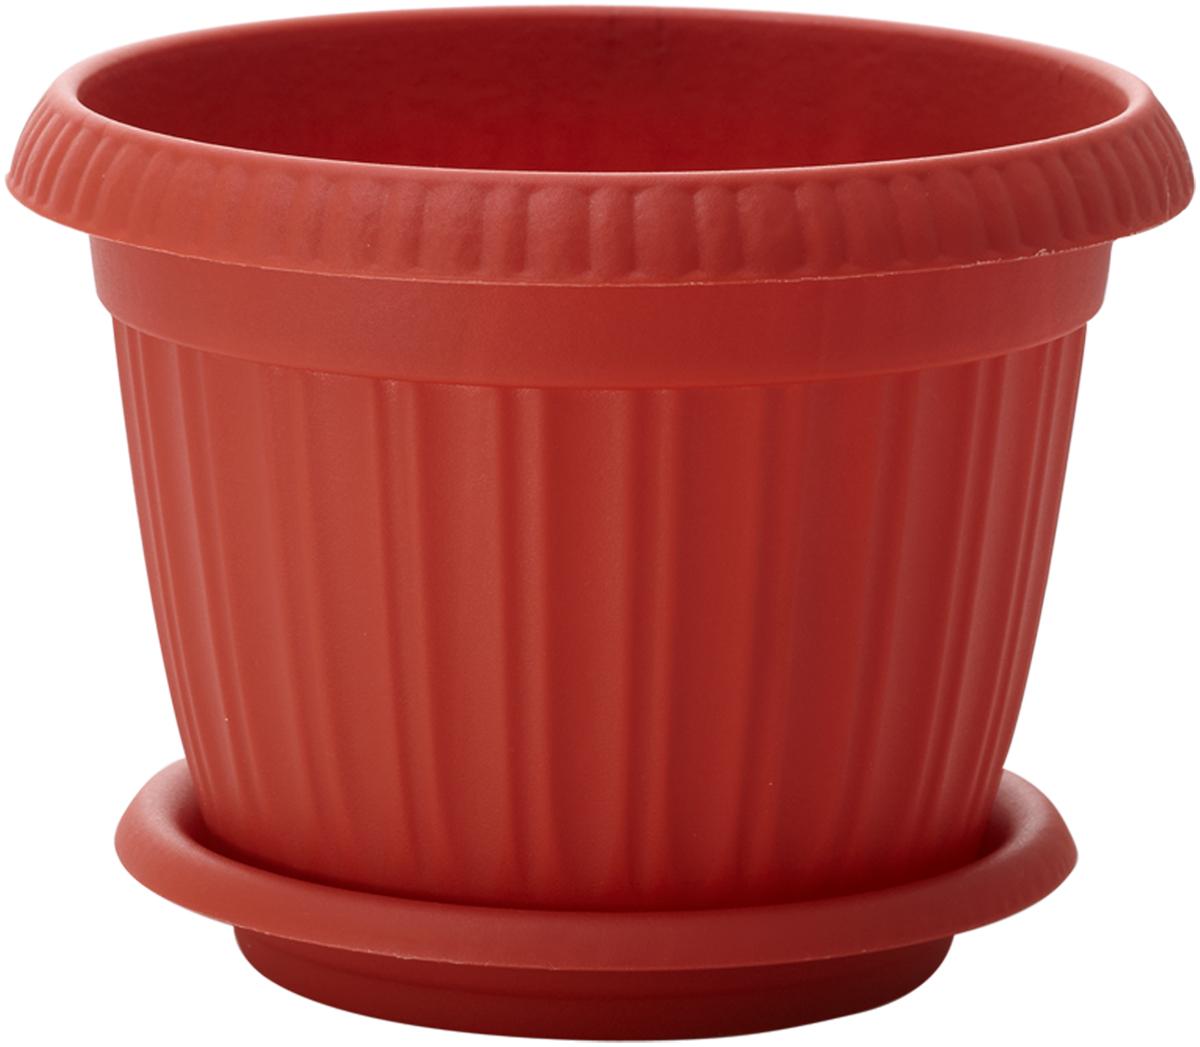 Горшок для цветов InGreen Таити, с подставкой, цвет: терракотовый, диаметр 16 смING41016FТРГоршок InGreen Таити выполнен из высококачественного полипропилена (пластика) и предназначен для выращивания цветов, растений и трав. Снабжен подставкой для стока воды.Такой горшок порадует вас функциональностью, а благодаря лаконичному дизайну впишется в любой интерьер помещения.Диаметр горшка (по верхнему краю): 16 см. Высота горшка: 12,4 см.